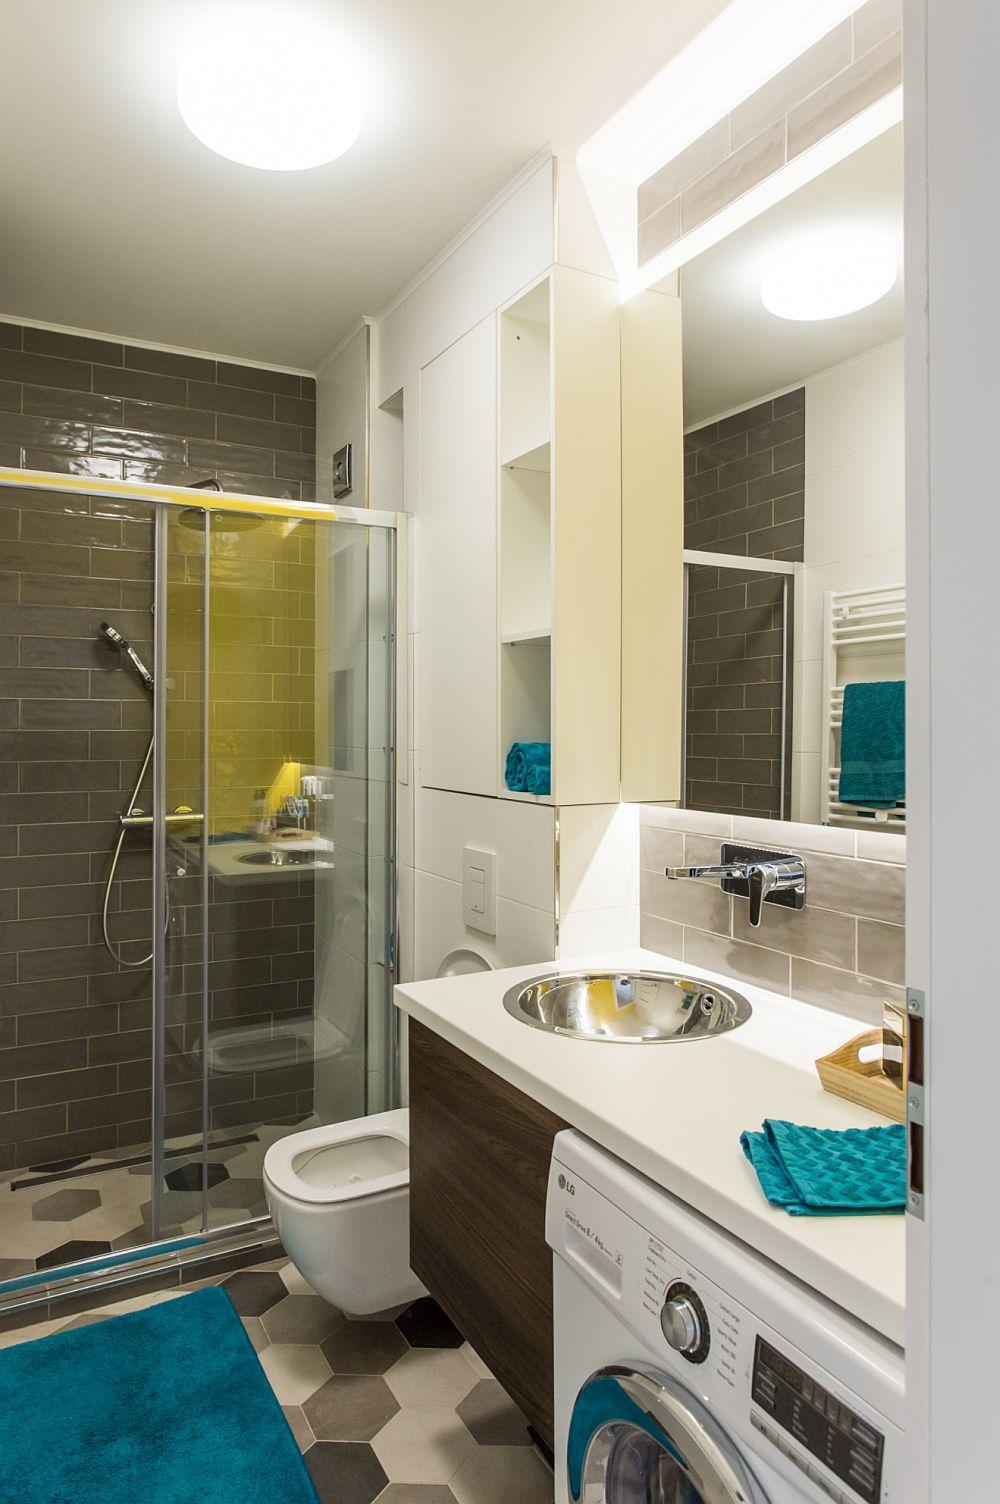 Din zona de intrare în casă se deschide o baie de serviciu, unde a fost prevăzut și locul mașinii de spălat. Aceasta este înglobat în ansamblul mobilierului.